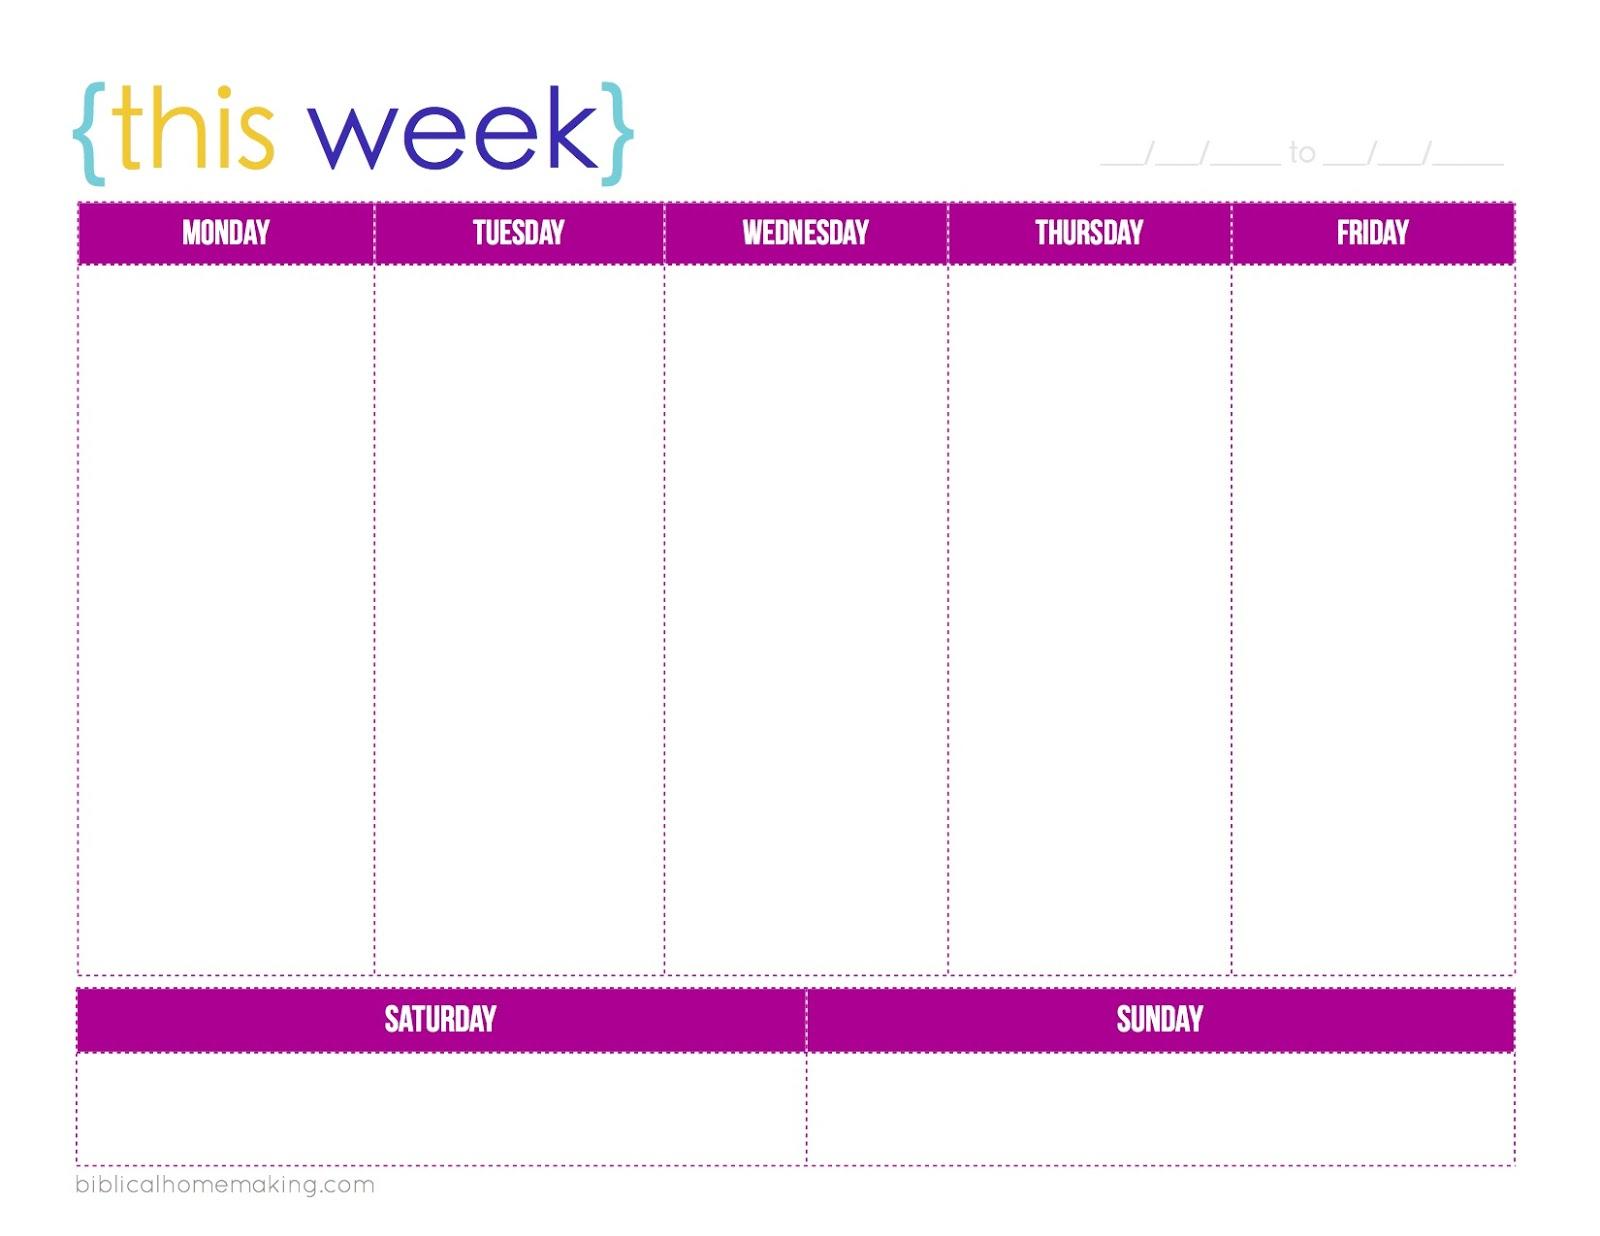 One Week Calendar Printable Schedule Ate Blank | Smorad throughout 1 Week Blank Calendar Template